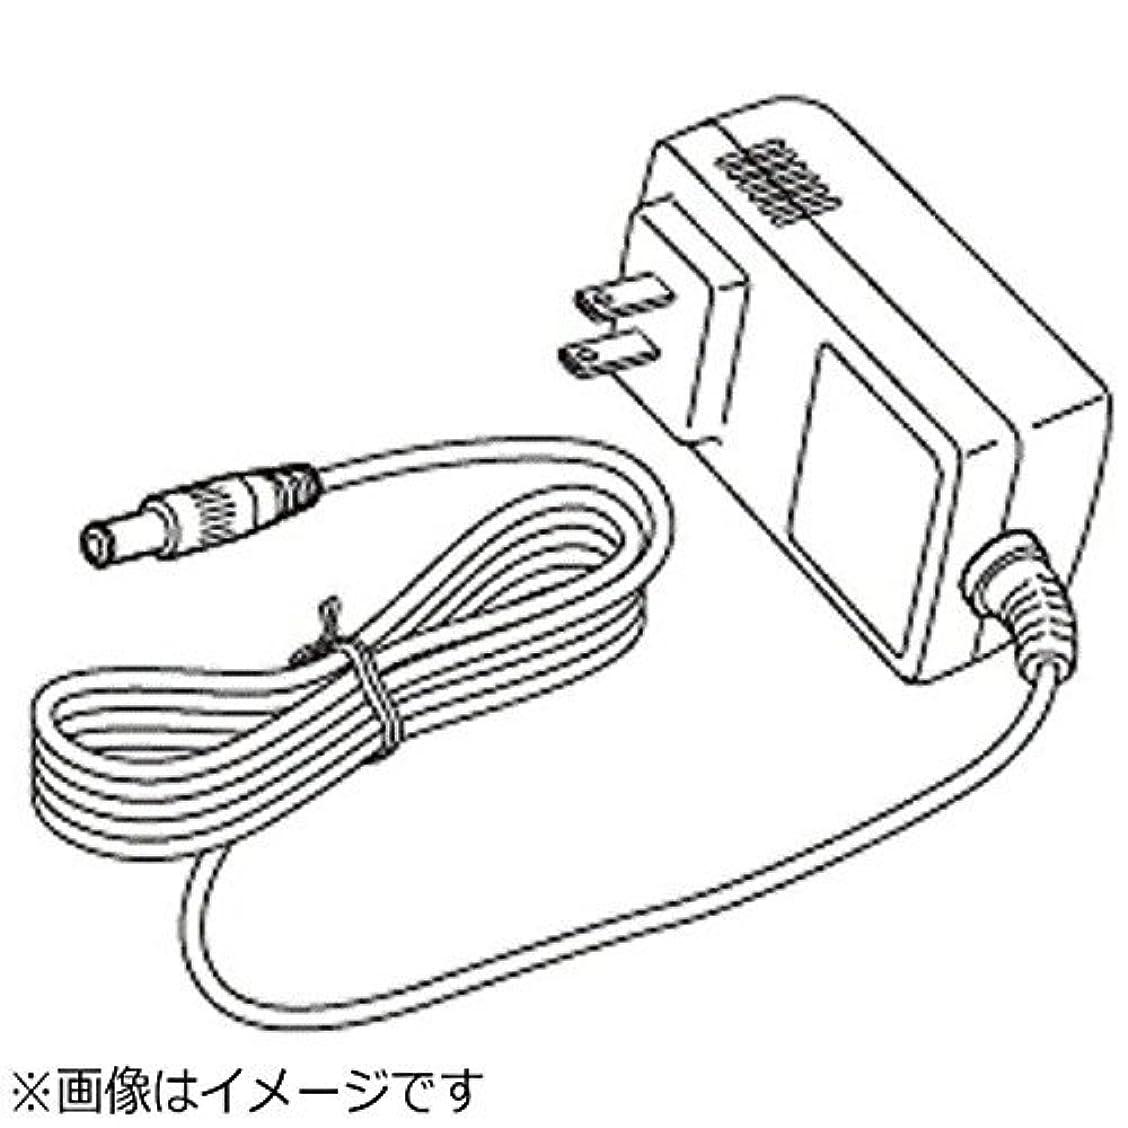 品揃え動脈落胆させるオムロン マッサージャ専用 ACアダプタOMRON HM-141-AC2